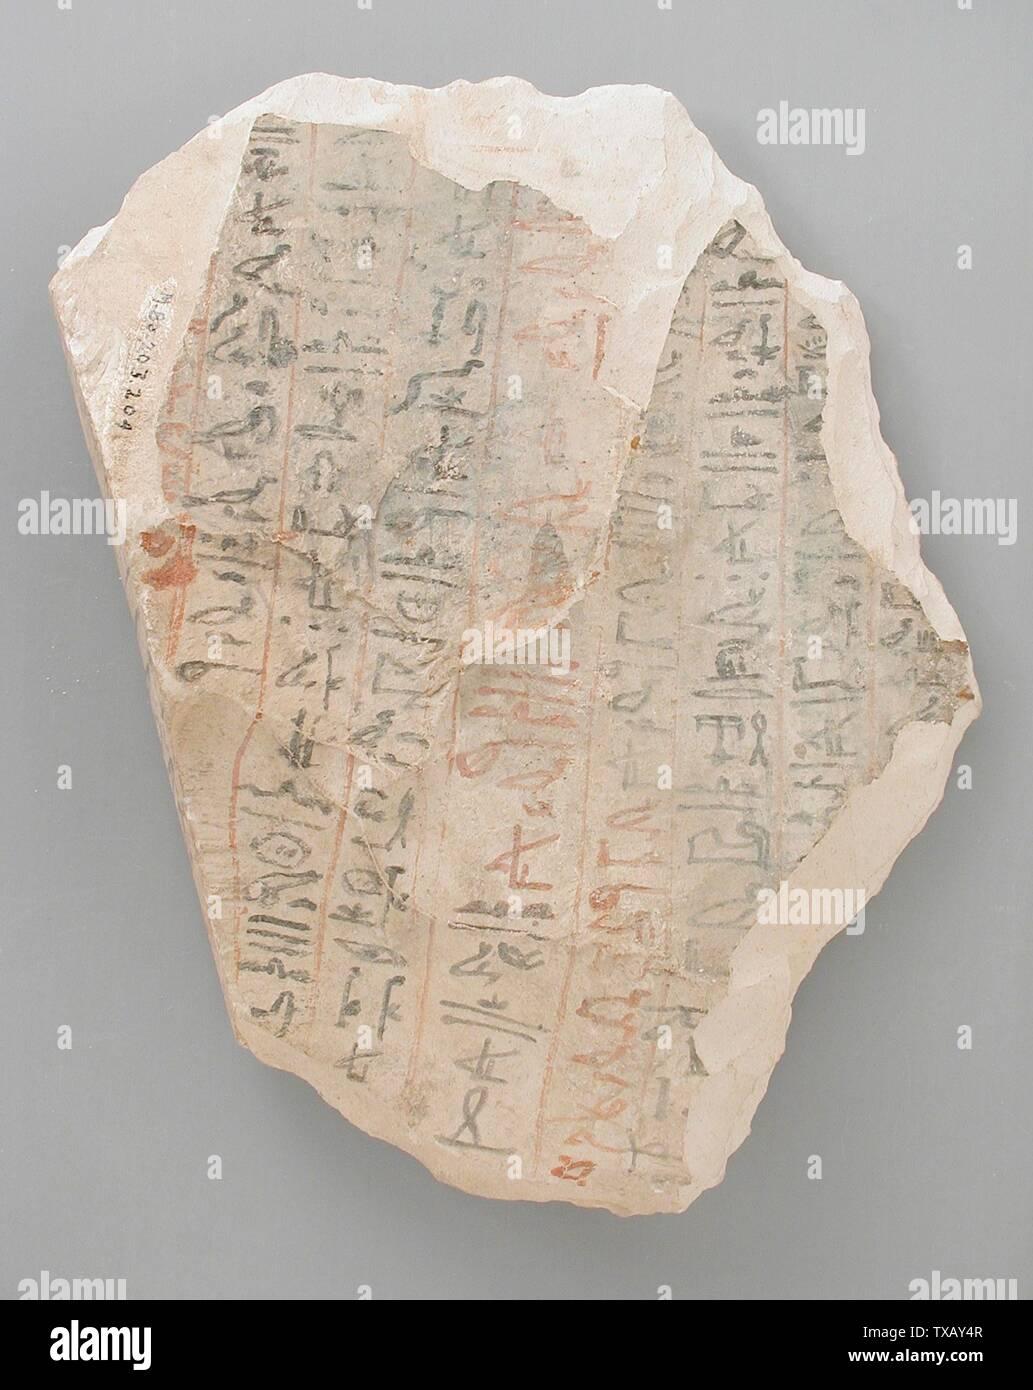 """'Ostracon avec la partie du texte littéraire """"l'Instruction du Roi Amenemhat' (image 1 de 2); l'Égypte, Nouvel Empire, 19e et 20e dynastie (1315 - 1081 avant notre ère) Outils et équipement; calcaire ostraka 7 x 4 3/4 in. (17,8 x 12,1 cm) Don de Carl W. Thomas (M.80.203.204) L'art égyptien; 19e et 20e dynastie (1315 - 1081 avant notre ère); ' Photo Stock"""